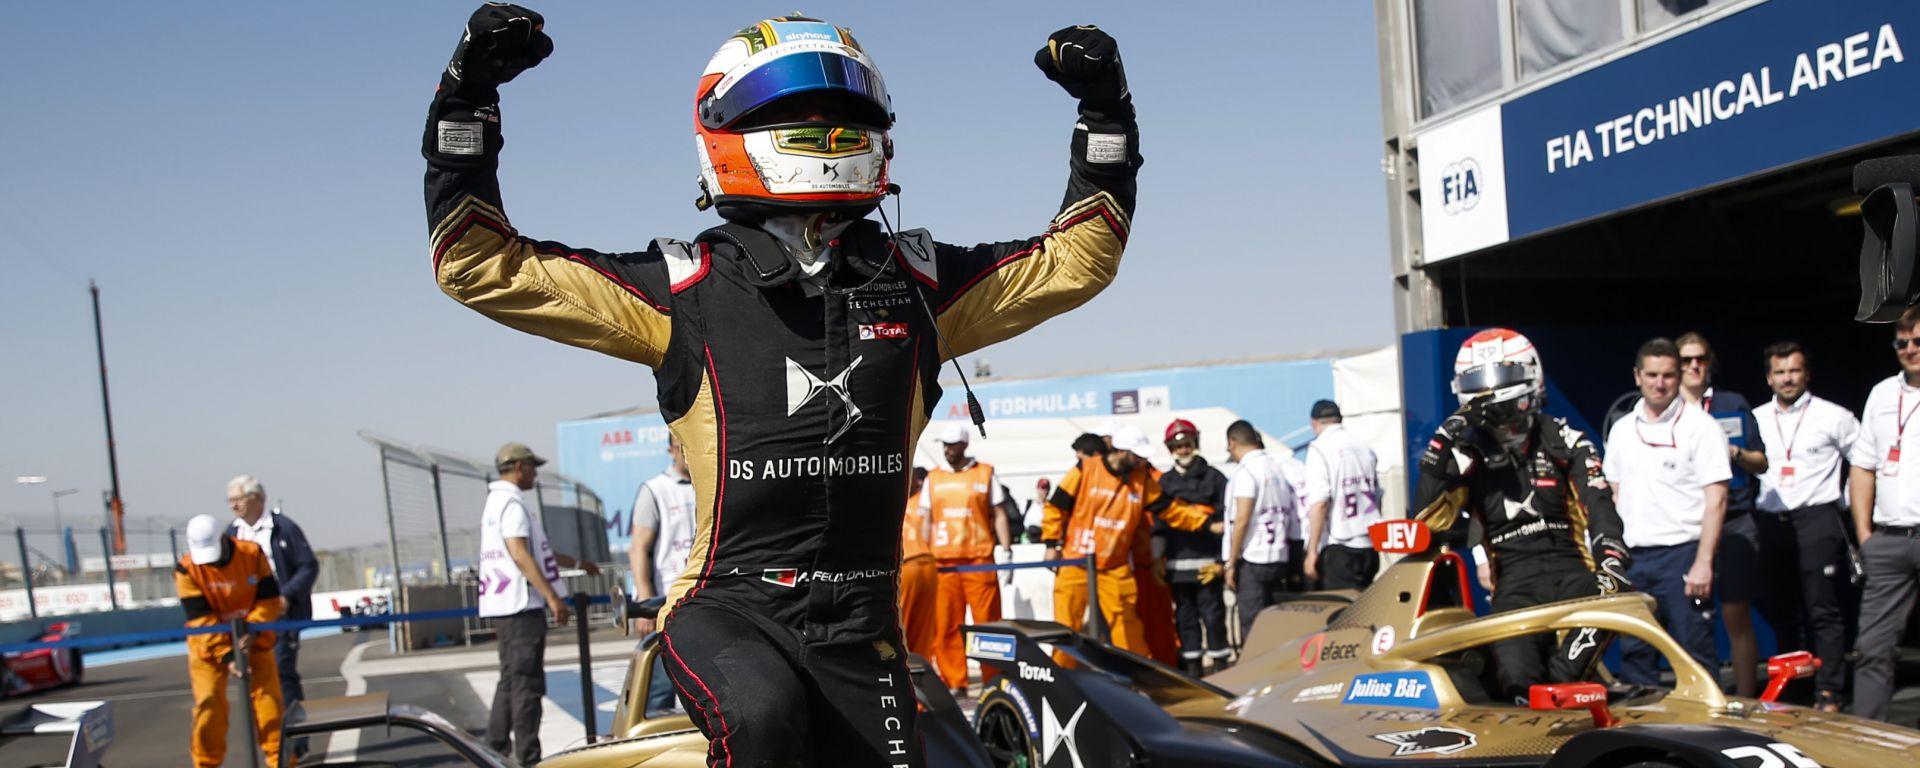 Formula E, ePrix Marrakech 2020: Antonio Felix Da Costa (DS Techeetah) è leader della classifica dopo il Round 5